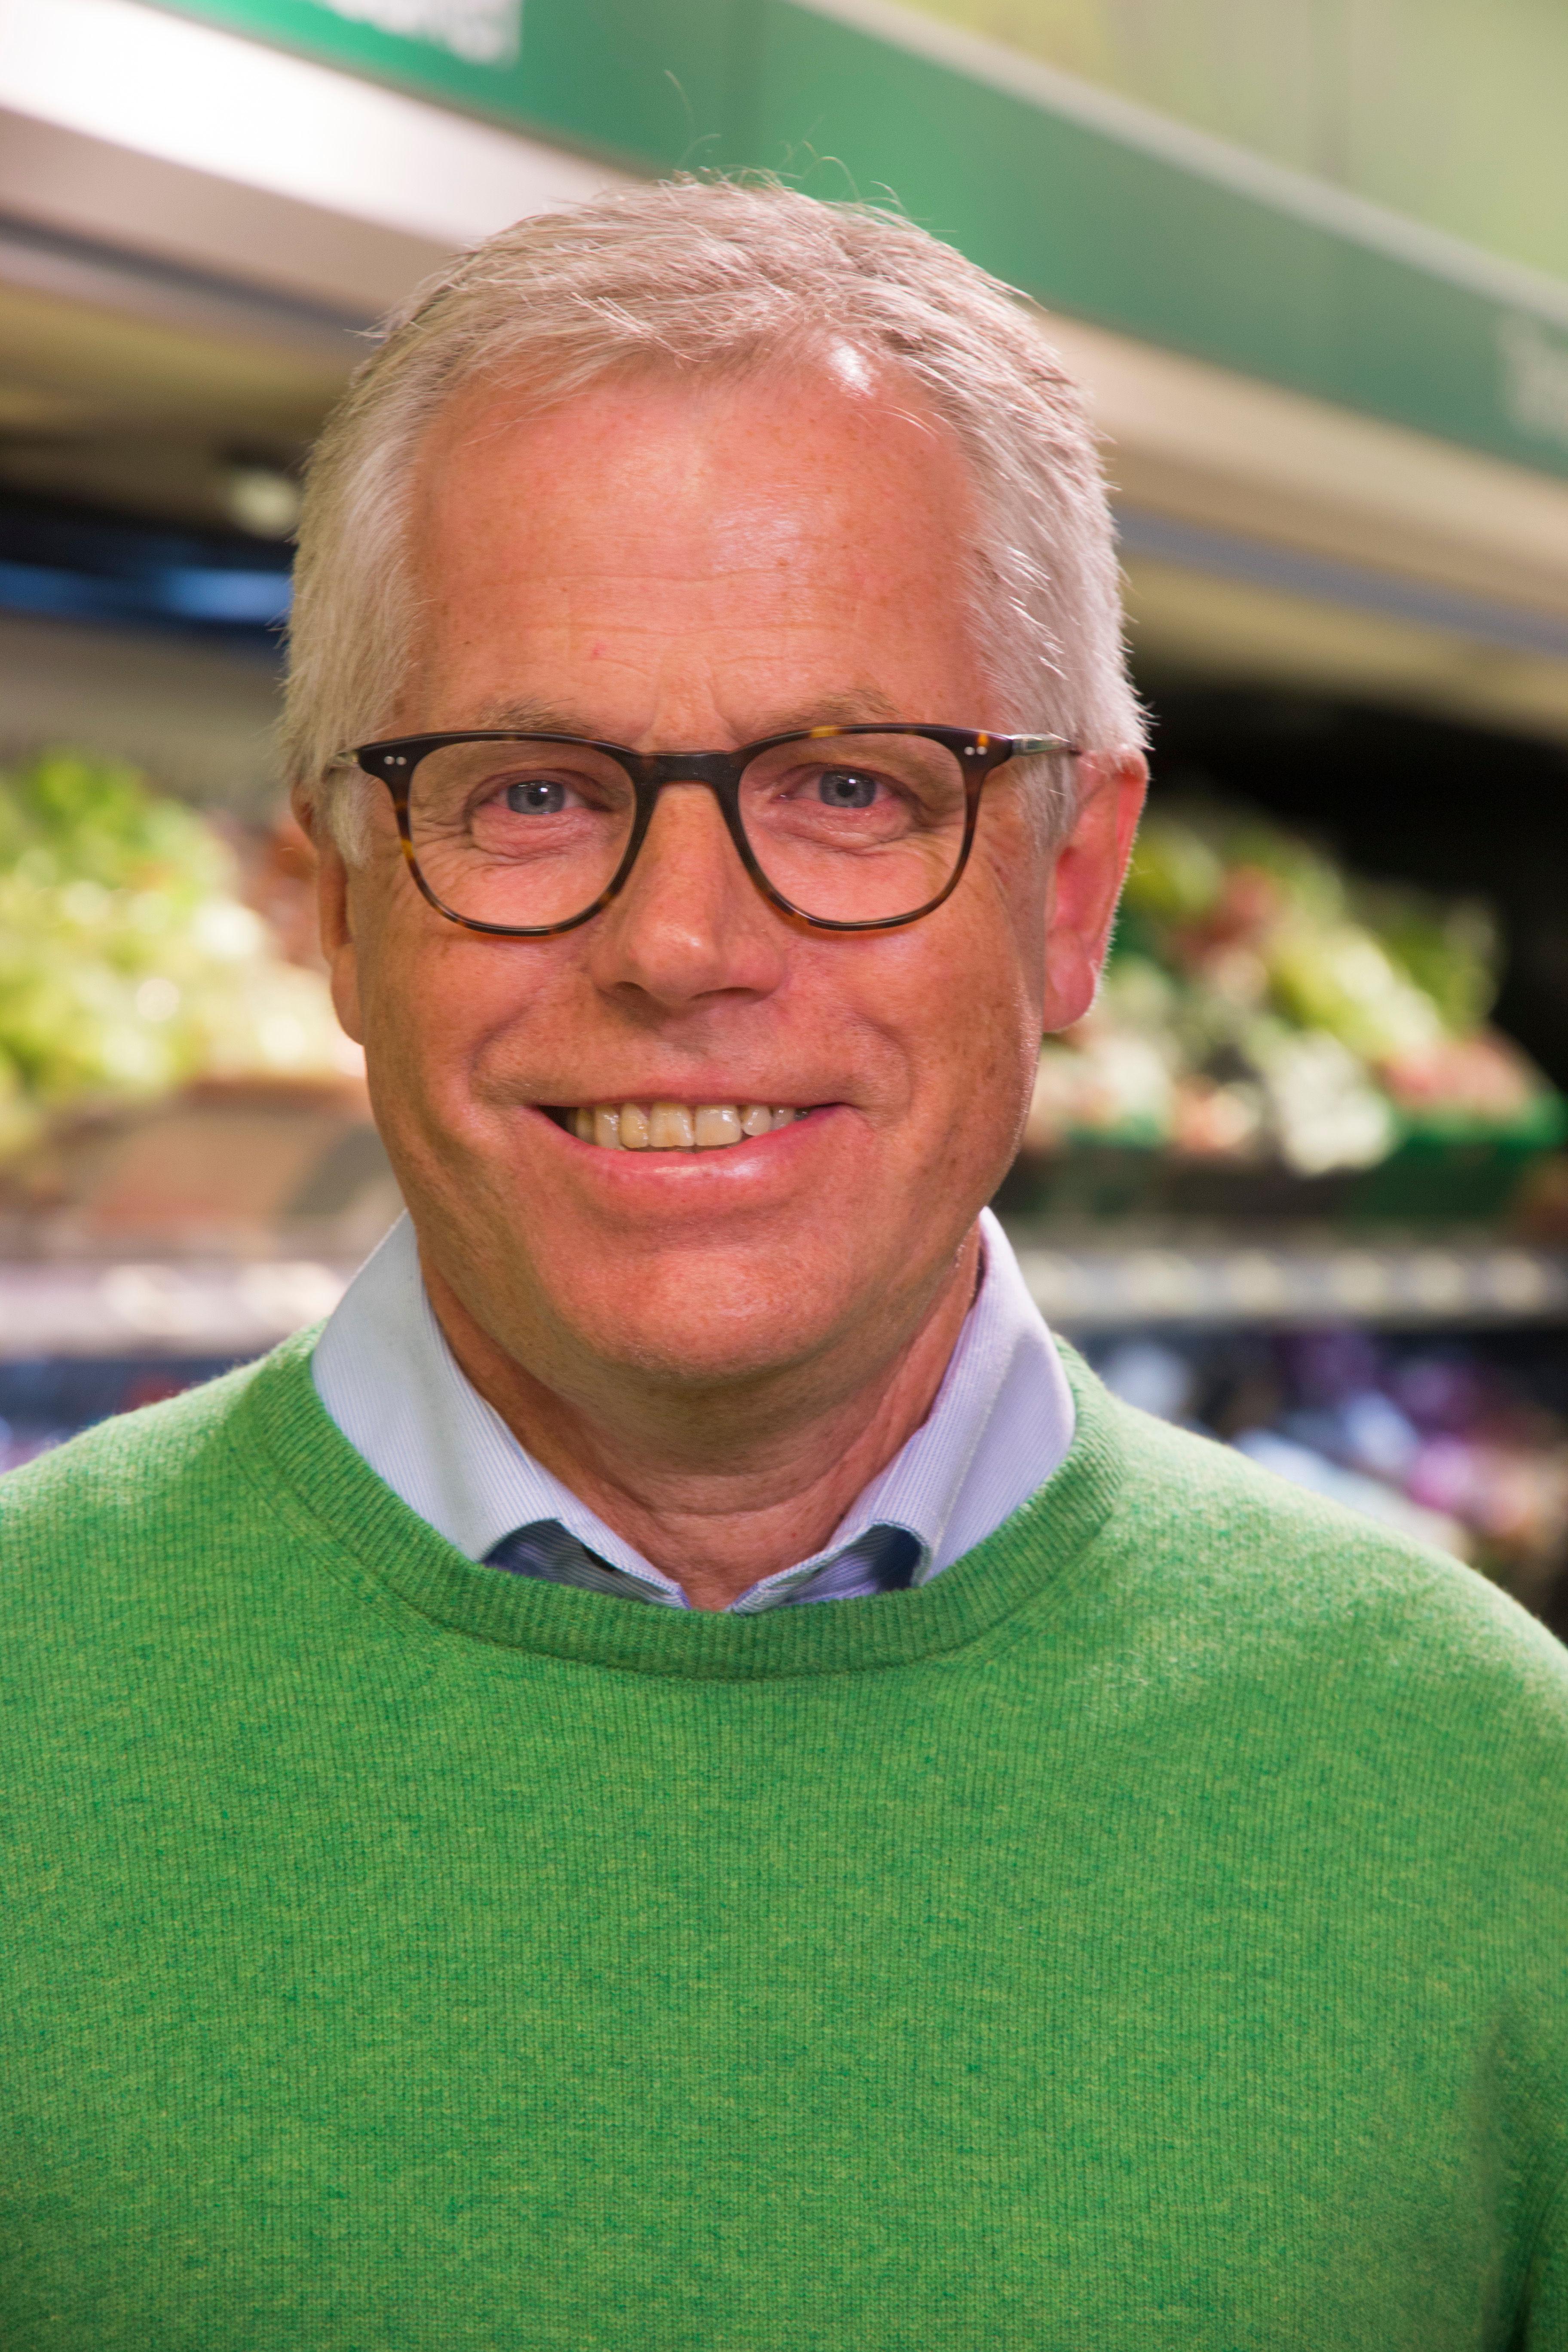 KIWI-sjef Jan Paul Bjørkøy går med bøsse i årets TV-aksjon, og samler inn penger til UNICEF.